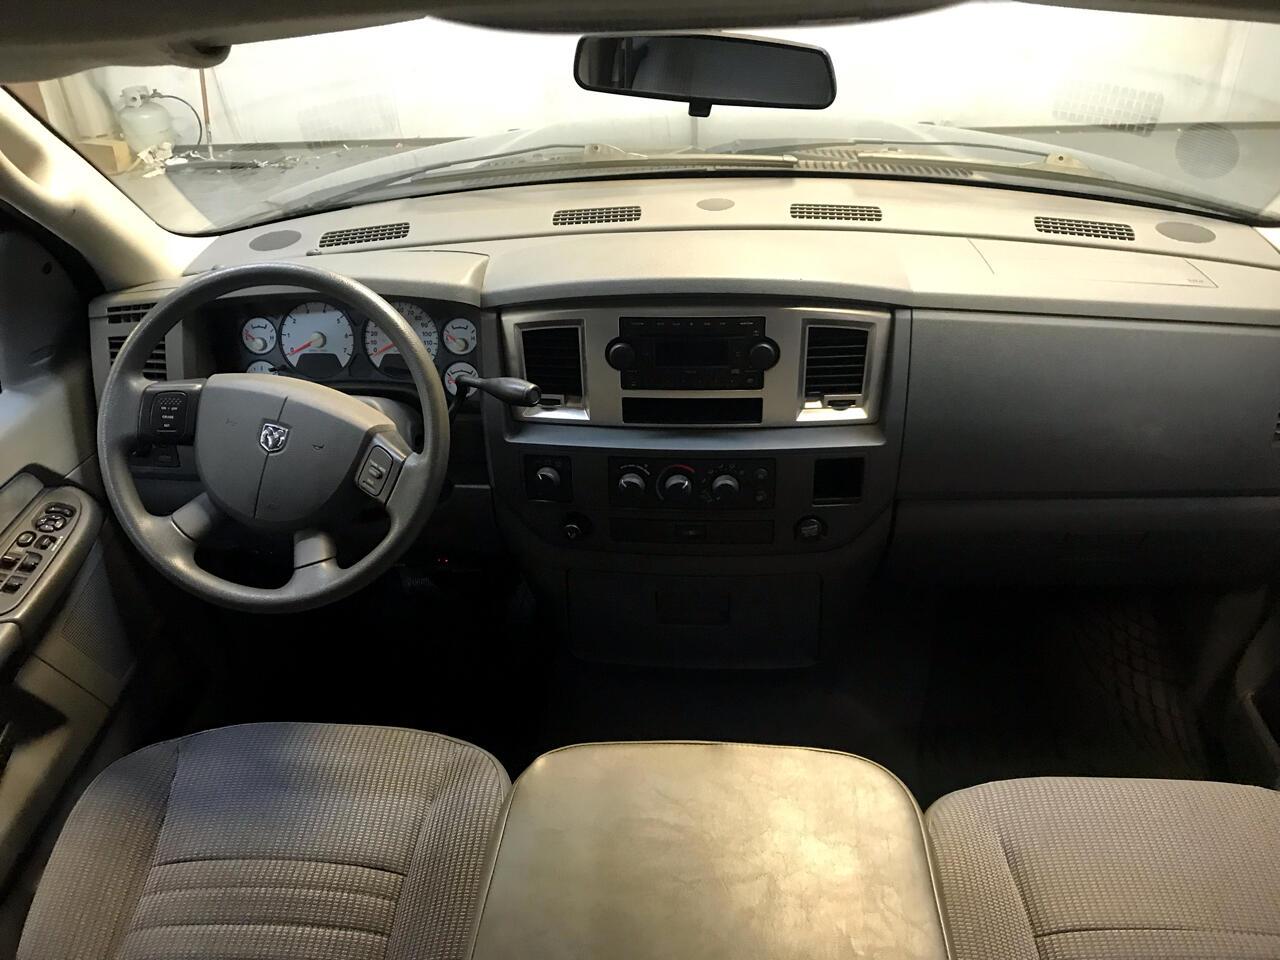 2008 Dodge Ram 1500 4WD Quad Cab 140.5